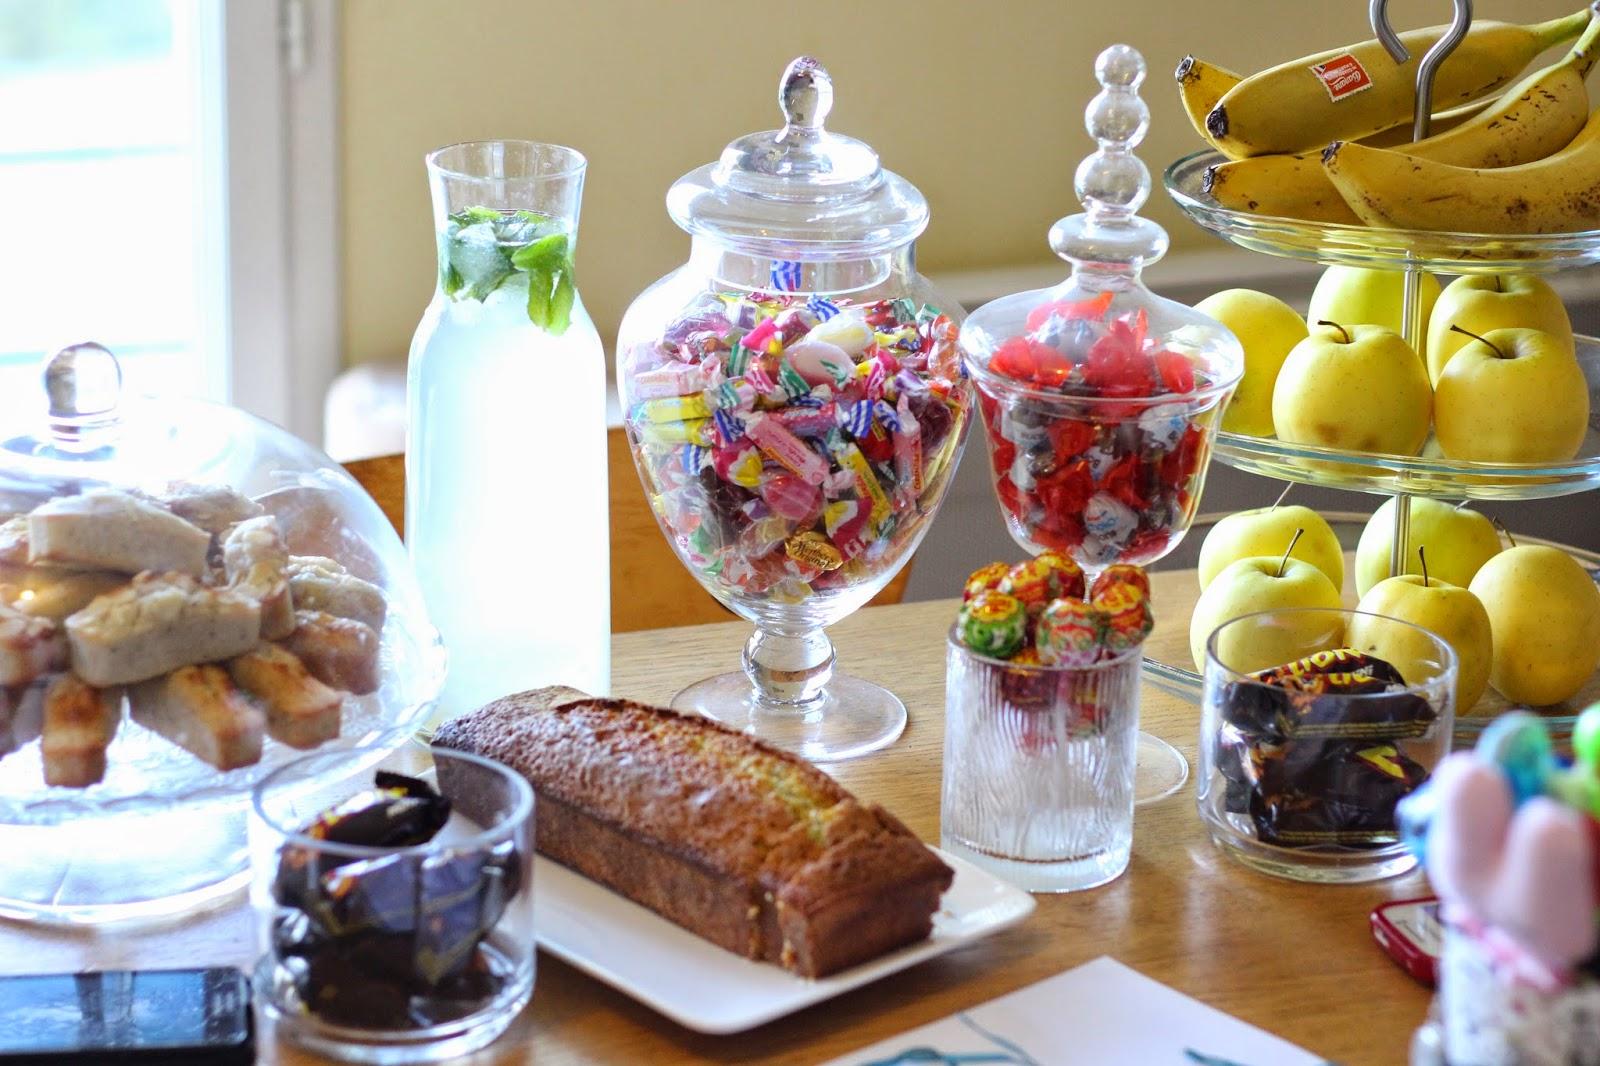 échange-découverte-papotage-goûter-citronade-cake-bonbon